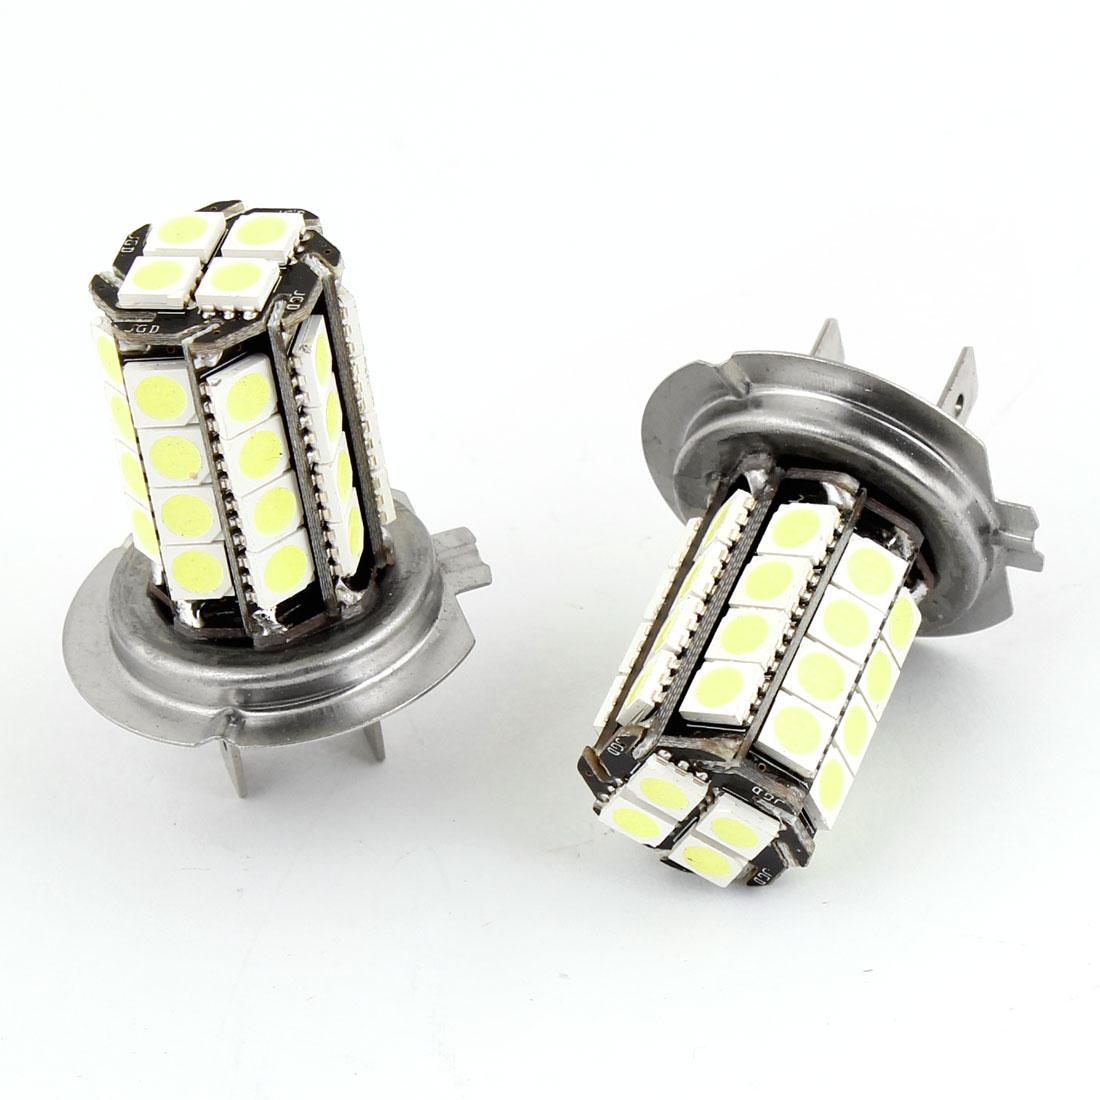 2PCS H7 36 LED 5050 SMD White Fog Driving Headlight Bulb Light DC 12V for Car